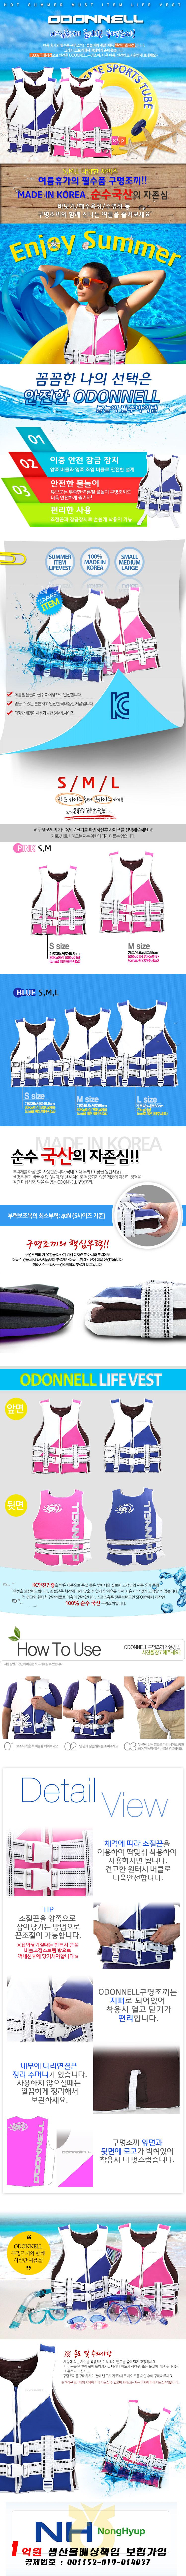 오도넬-구명조끼/부력보조복/어린이/성인용/패밀리형 - 토이비젼, 17,500원, 튜브/구명조끼, 구명조끼